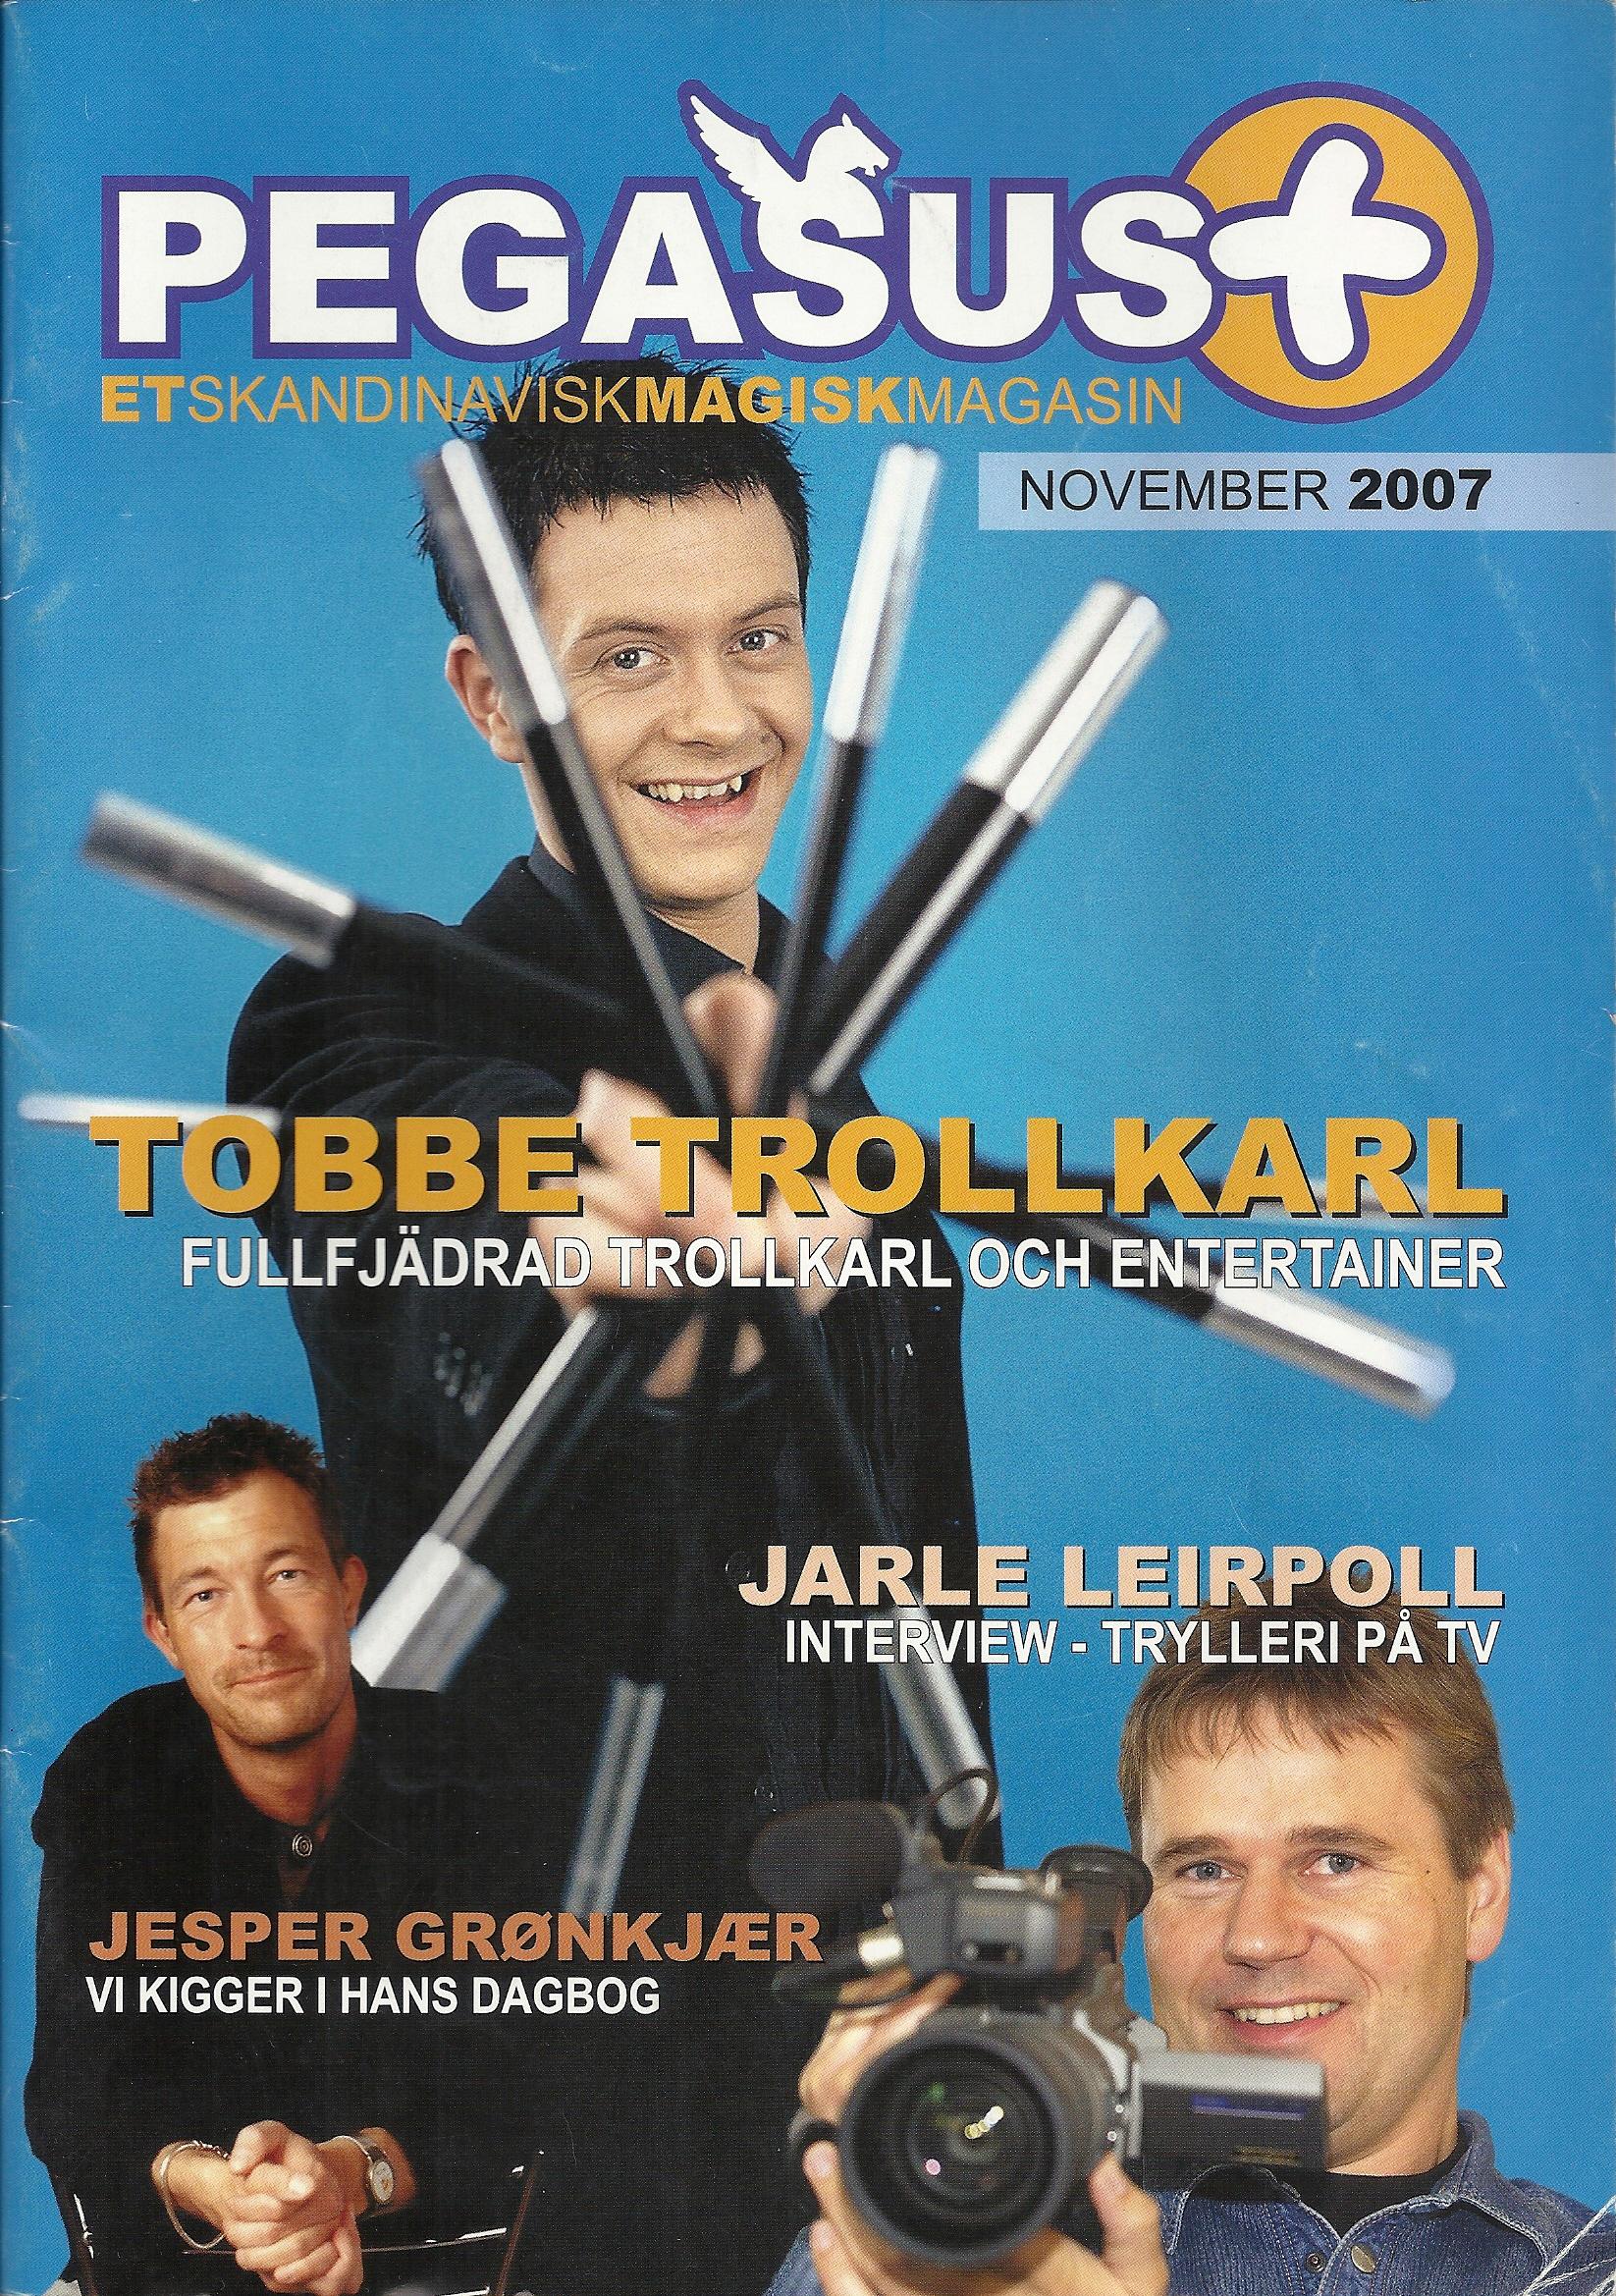 Pegasus Magic Magazine Nov 2007 Cover